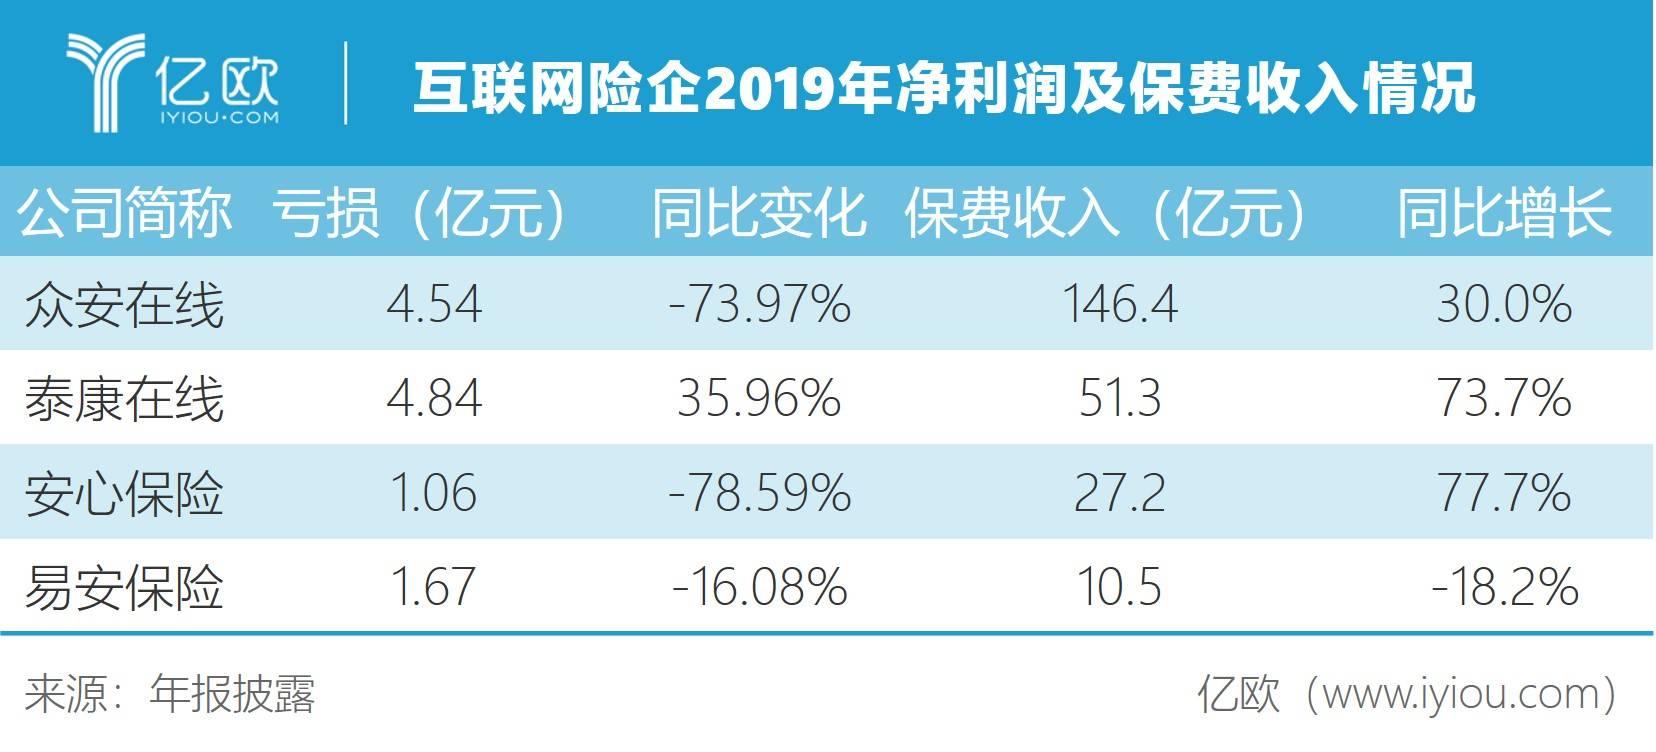 互联网险企2019年净利润及保费收入